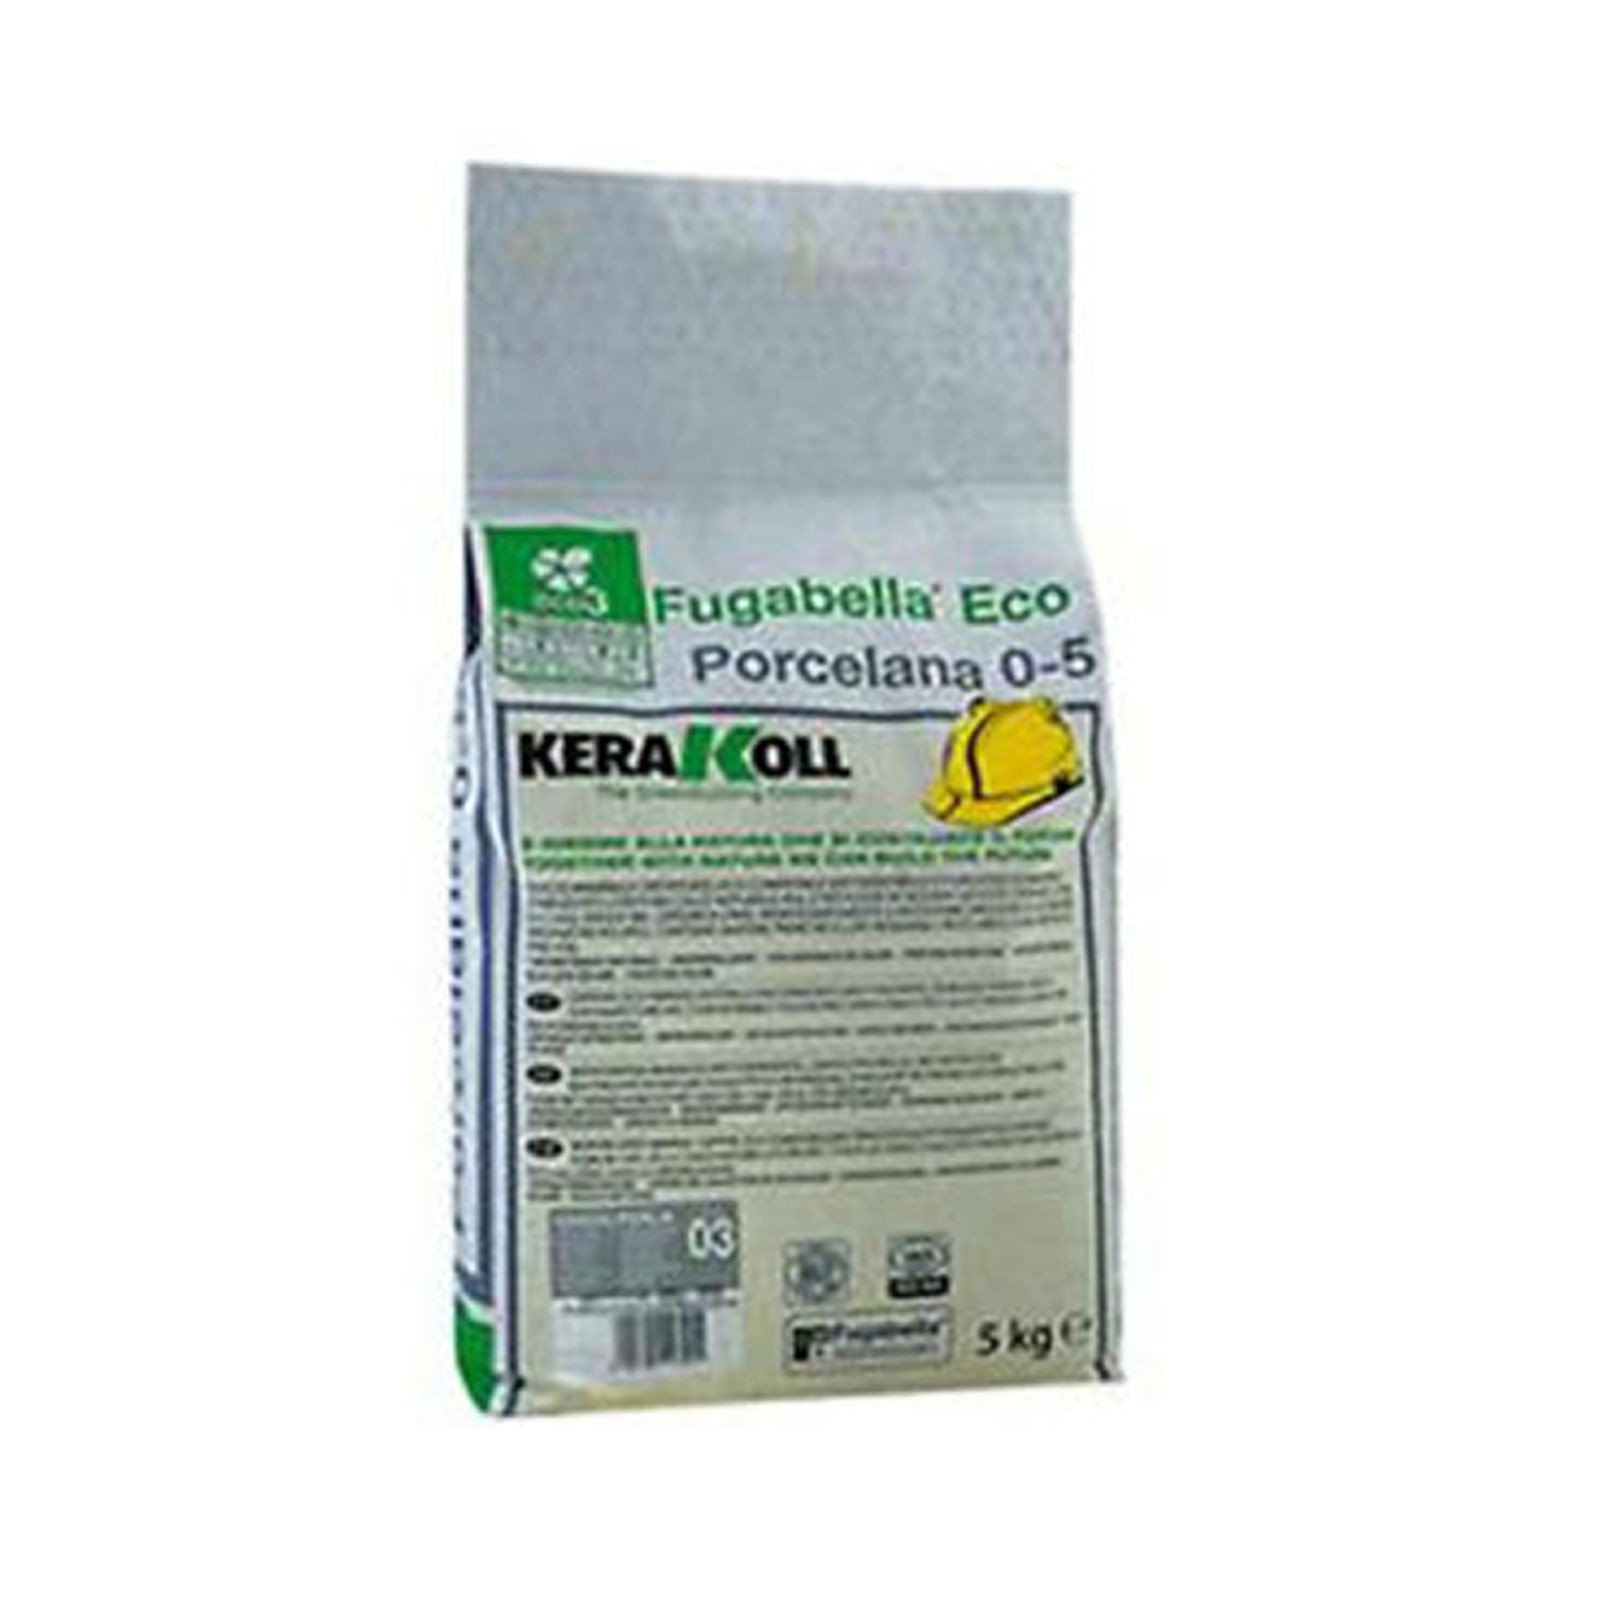 Kerakoll fugabella eco porcelana 0-5 fuga stucco per piastrelle moka kg5